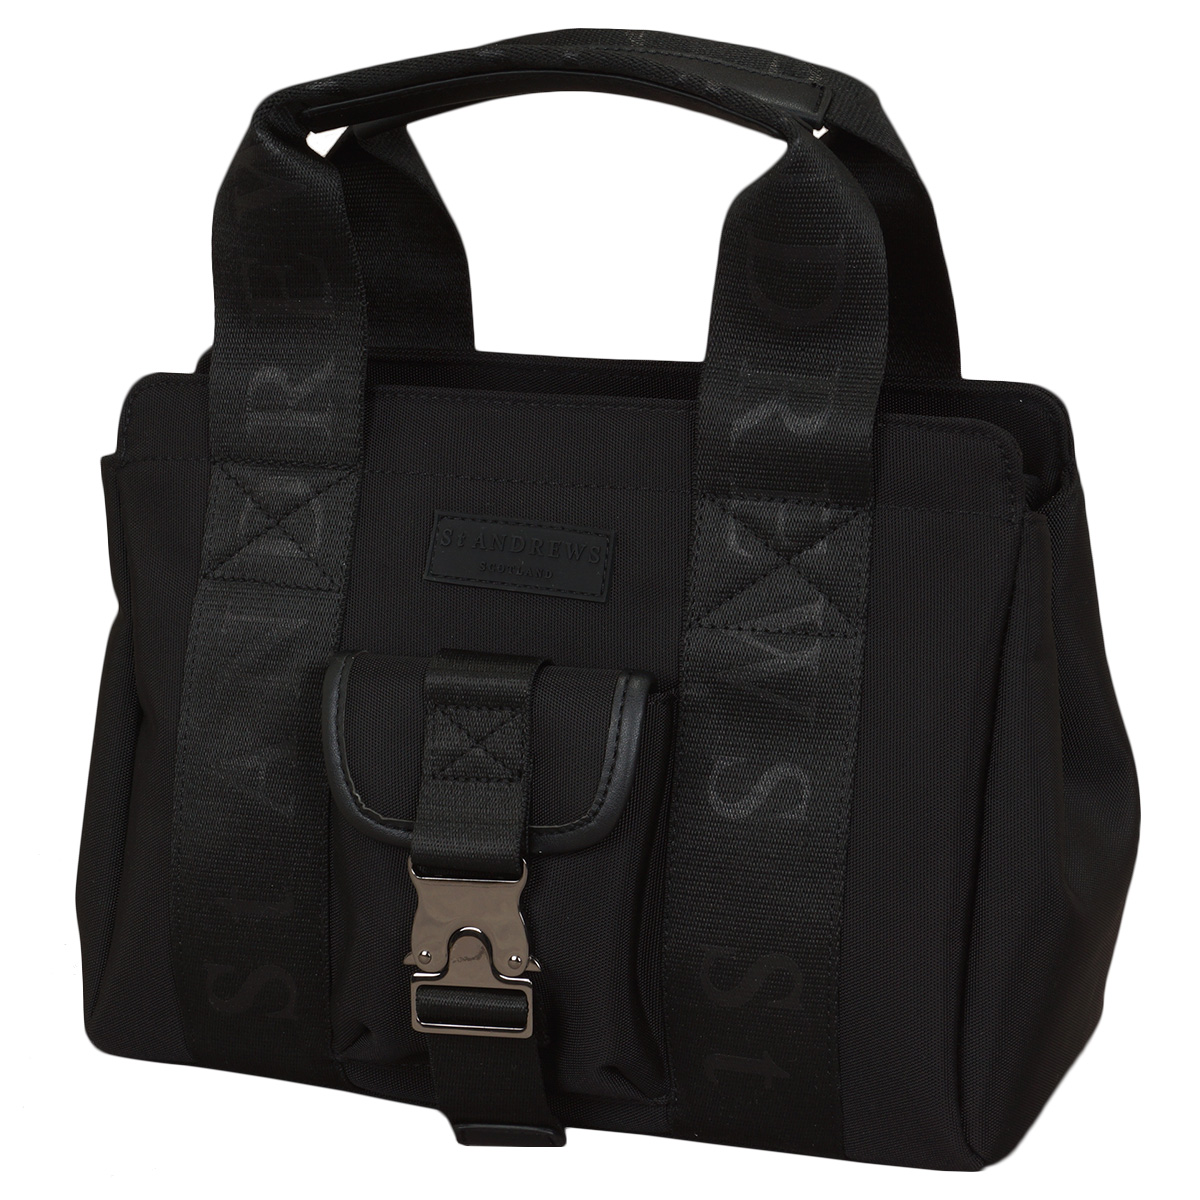 ロゴテープカートバッグ